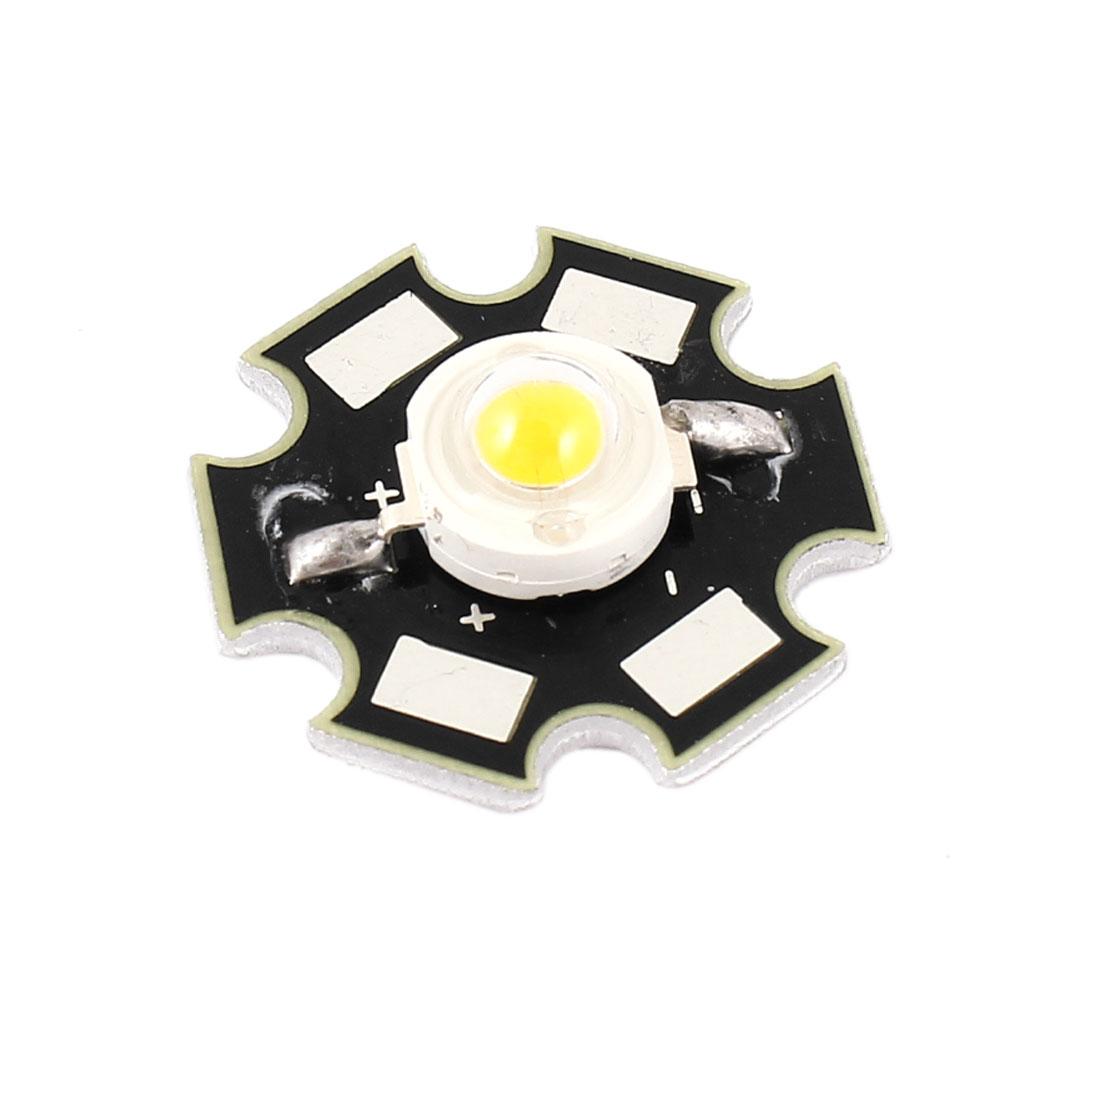 3W 3000-3500K Warm White LED Light Star Base Lamp Bead Emitter 3.0-3.9V